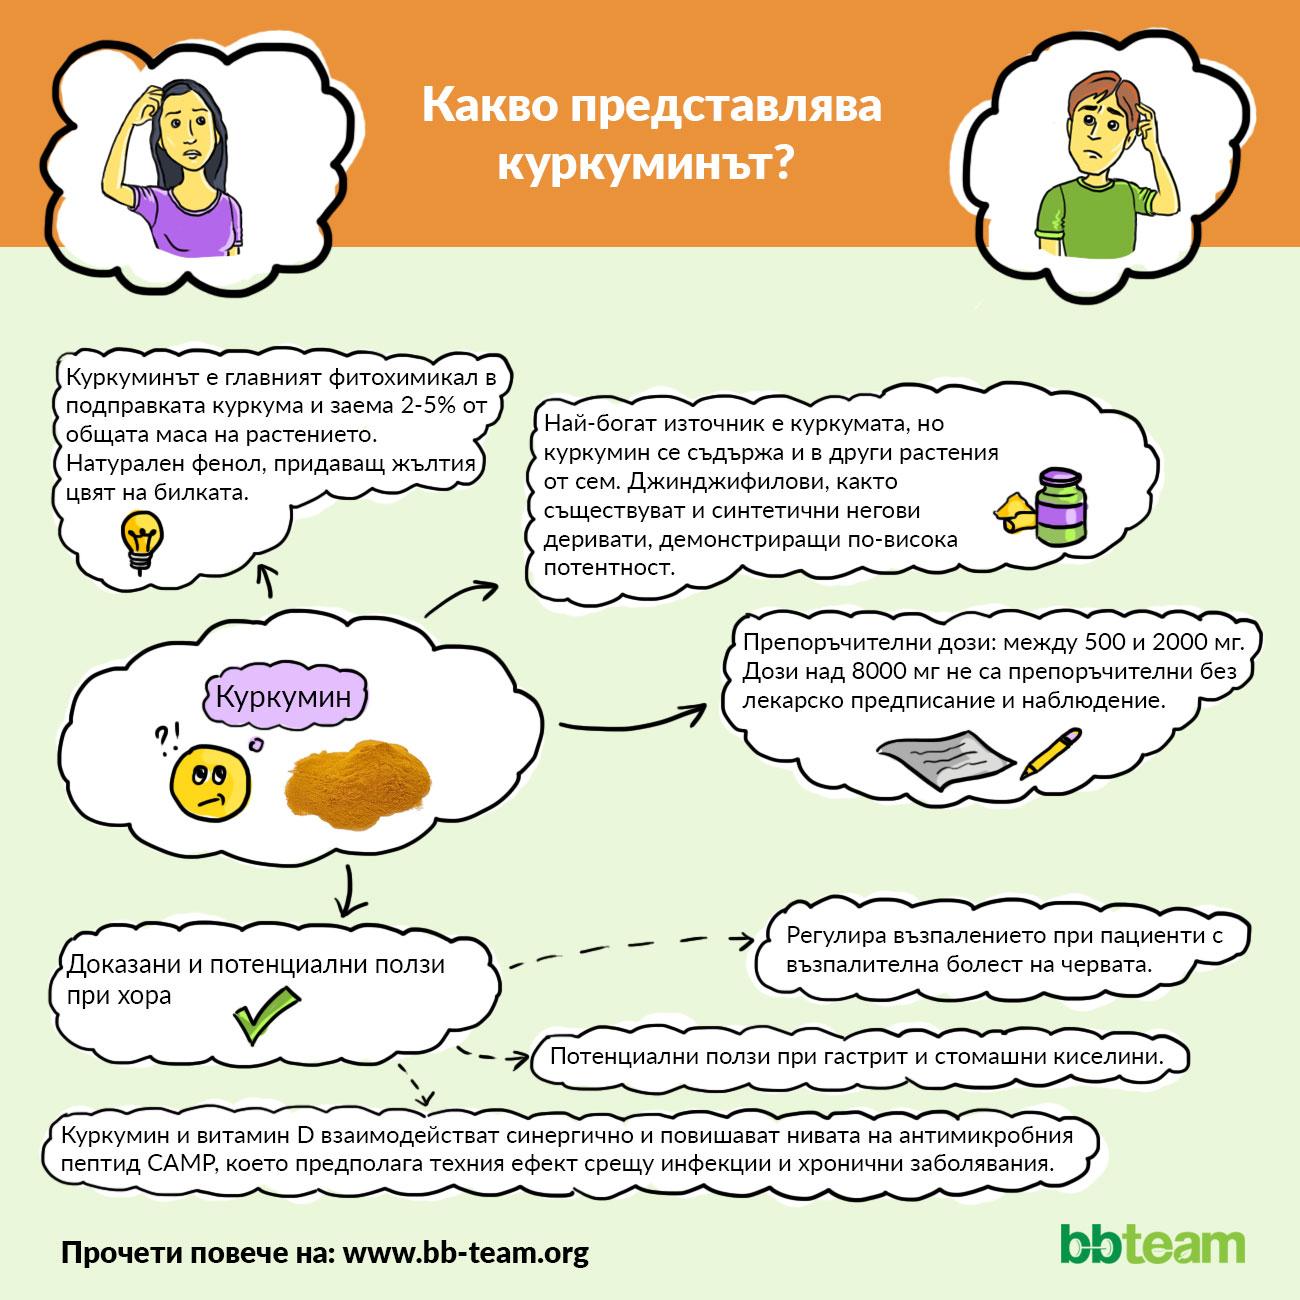 Какво представлява куркуминът? [инфографика]